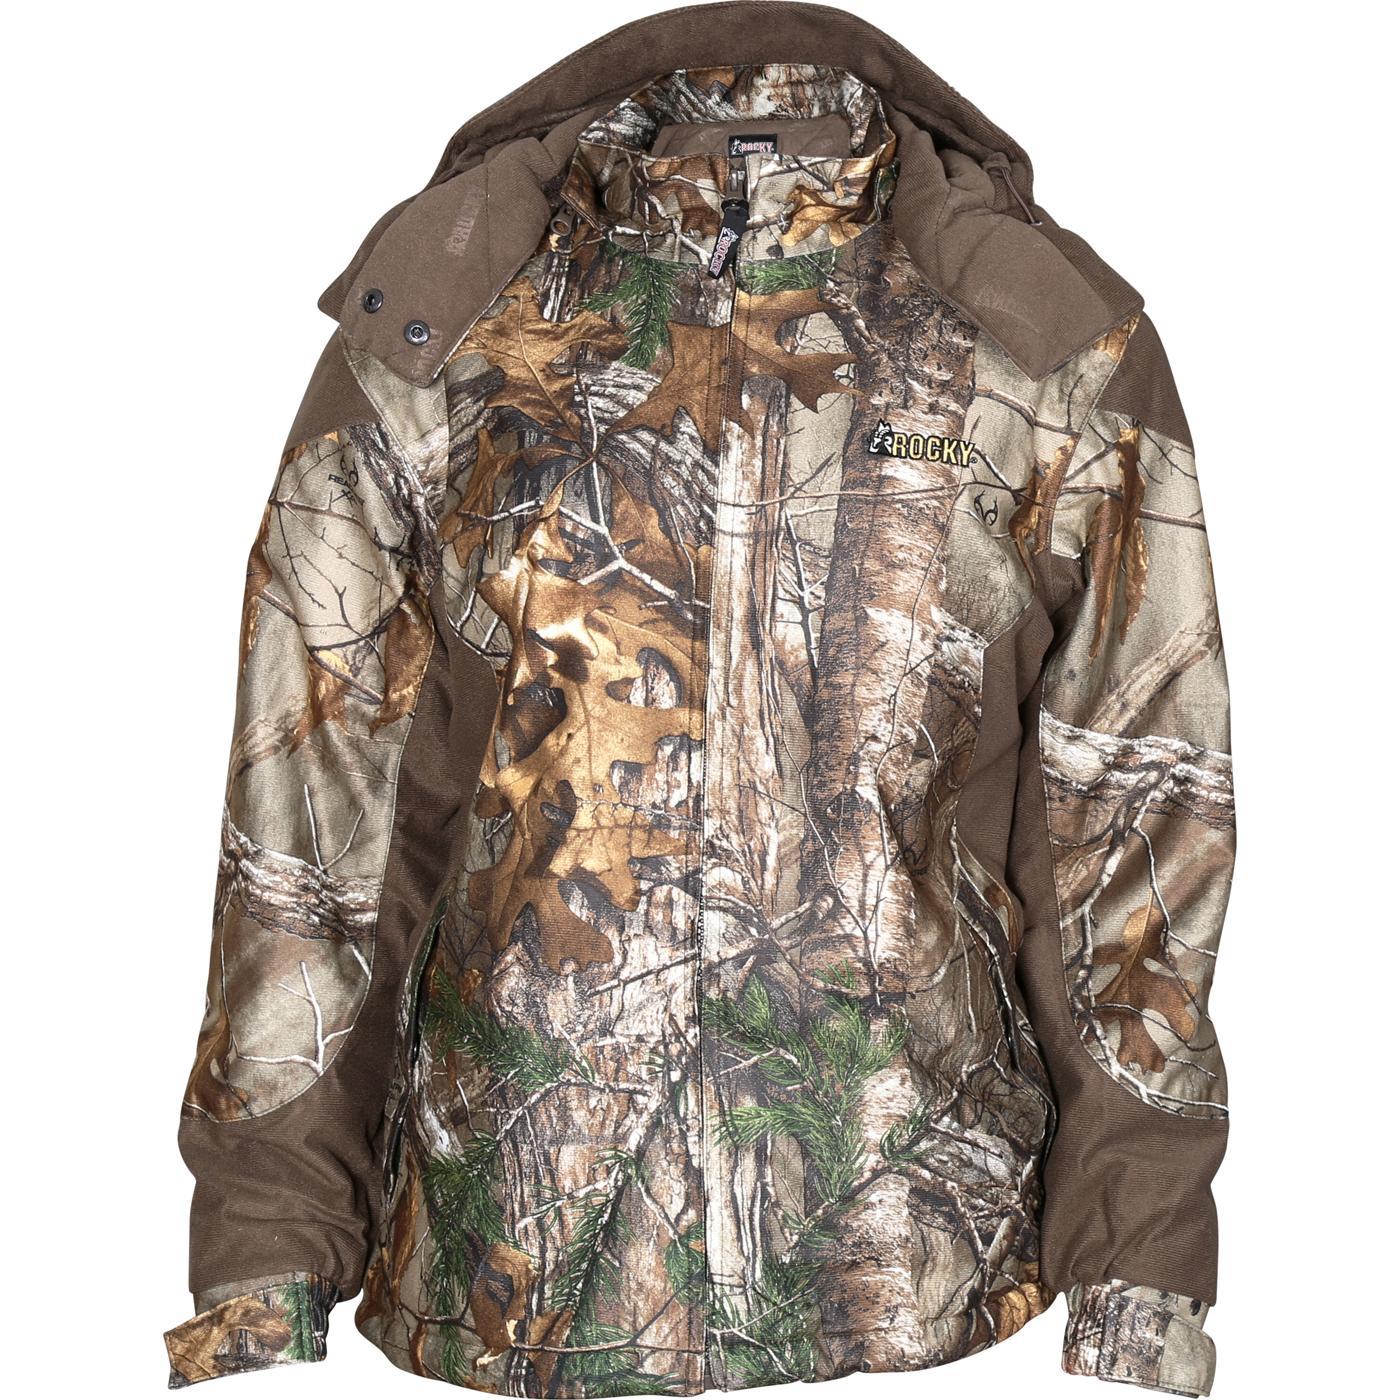 66cf78683d52a Rocky Women's ProHunter Waterproof Insulated ParkaRocky Women's ProHunter  Waterproof Insulated Parka,. Loading zoom. Women's camouflage coat ...